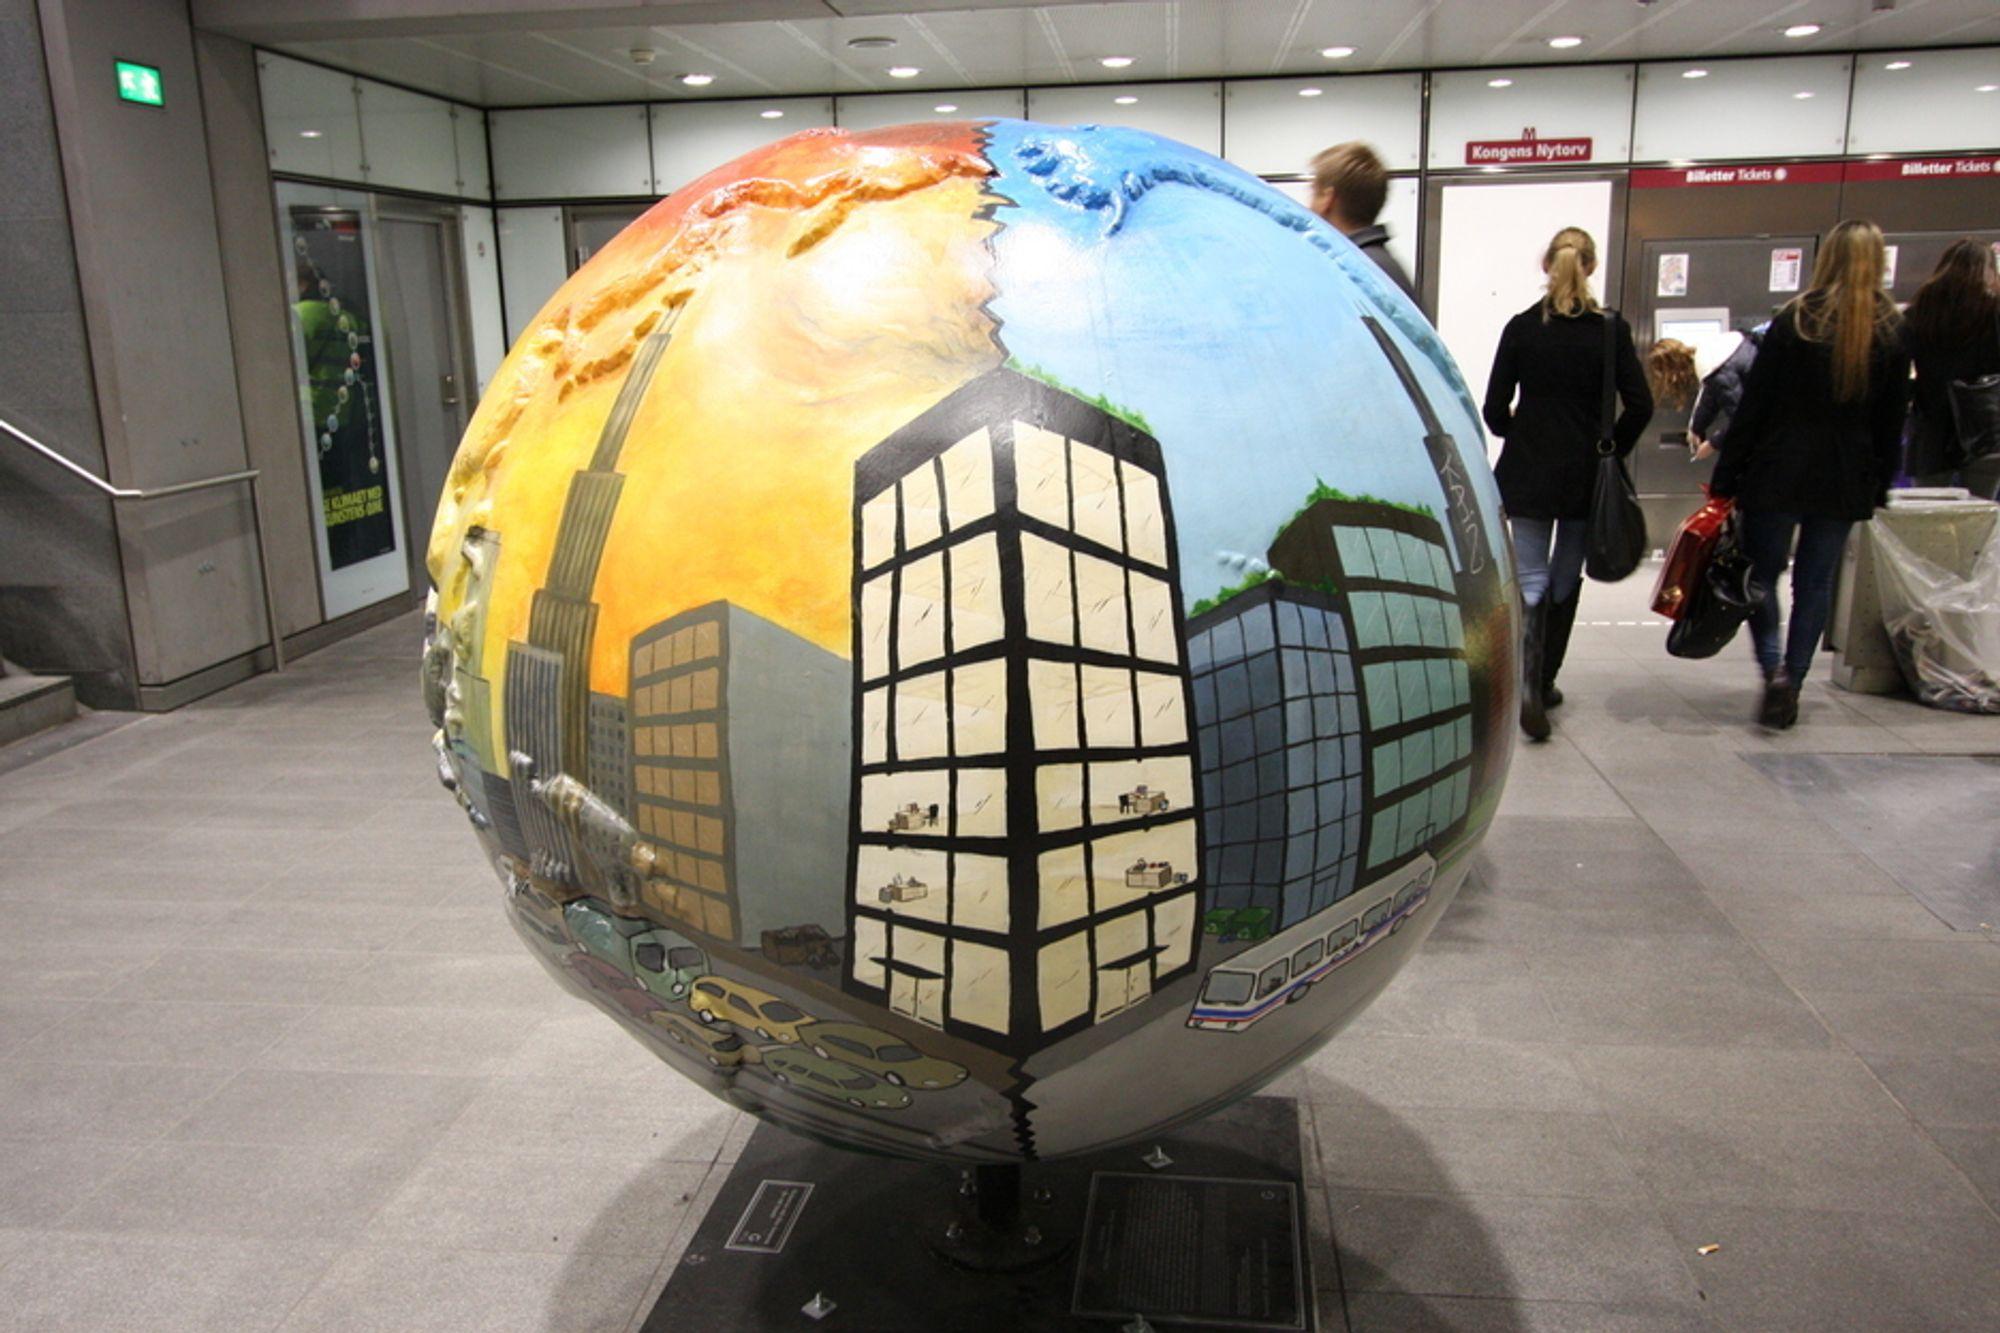 FOSSILFRITT DANMARK: Vil verden velge bort fossiler? Dette valget ble synliggjort i installasjonene under klimatoppmøtet i København i fjor. Nå har en kommisjon funnet ut hvordan Danmark kan bli fossilfritt innen 2050.